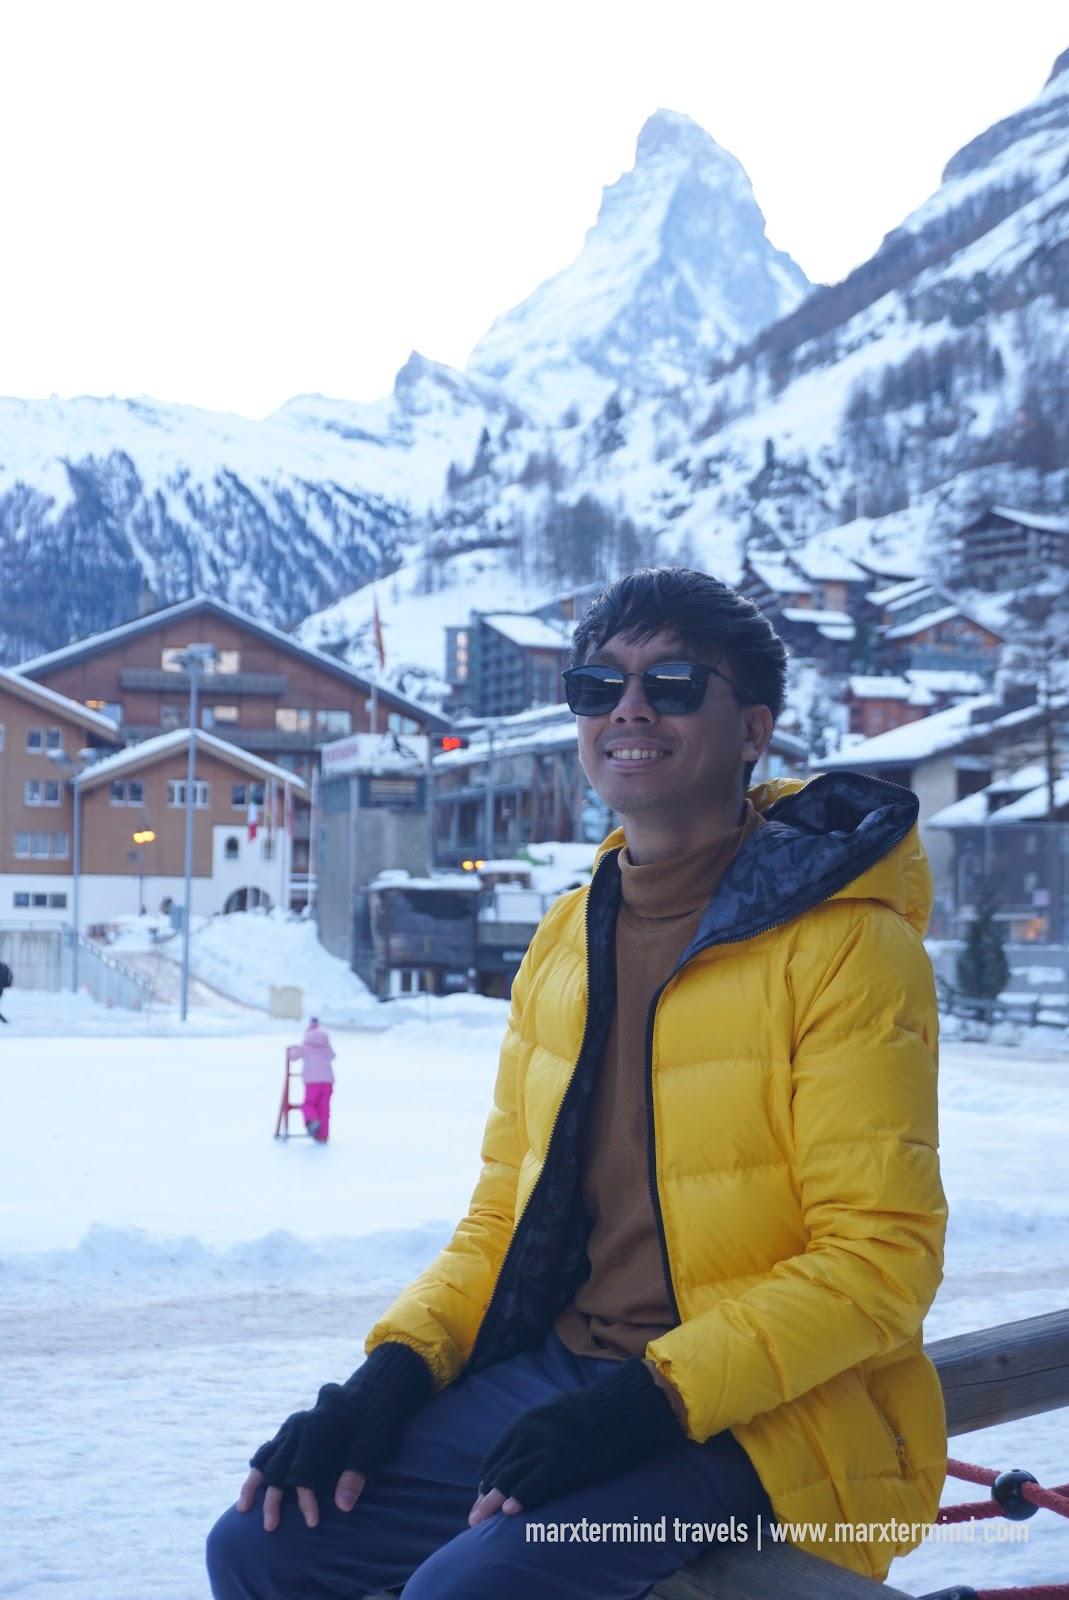 Town of Zermatt in Switzerland